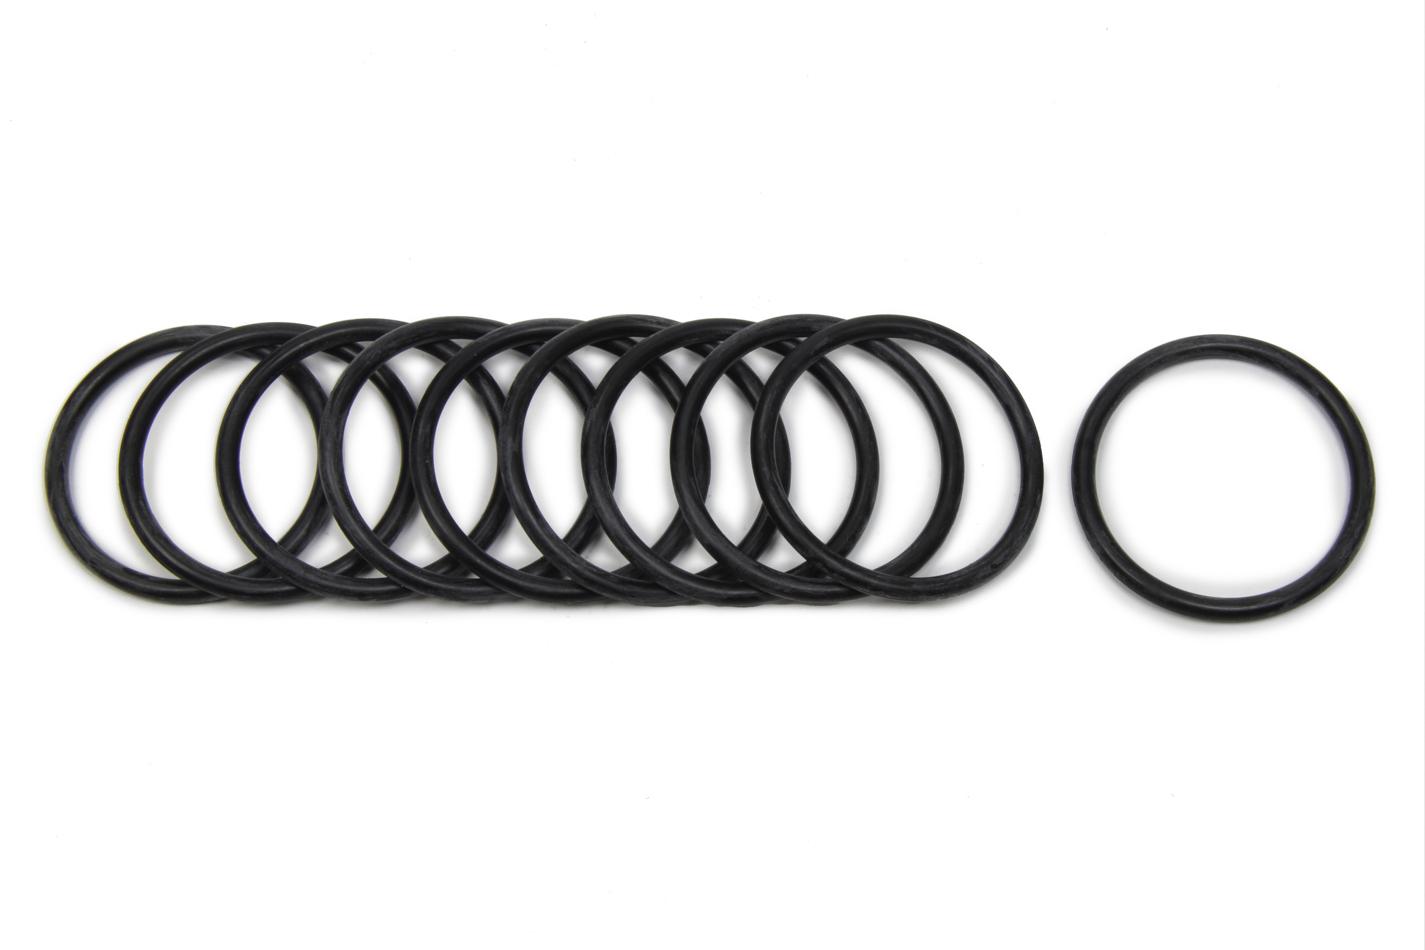 O-Ring 2-222 Buna 70 (10pk)